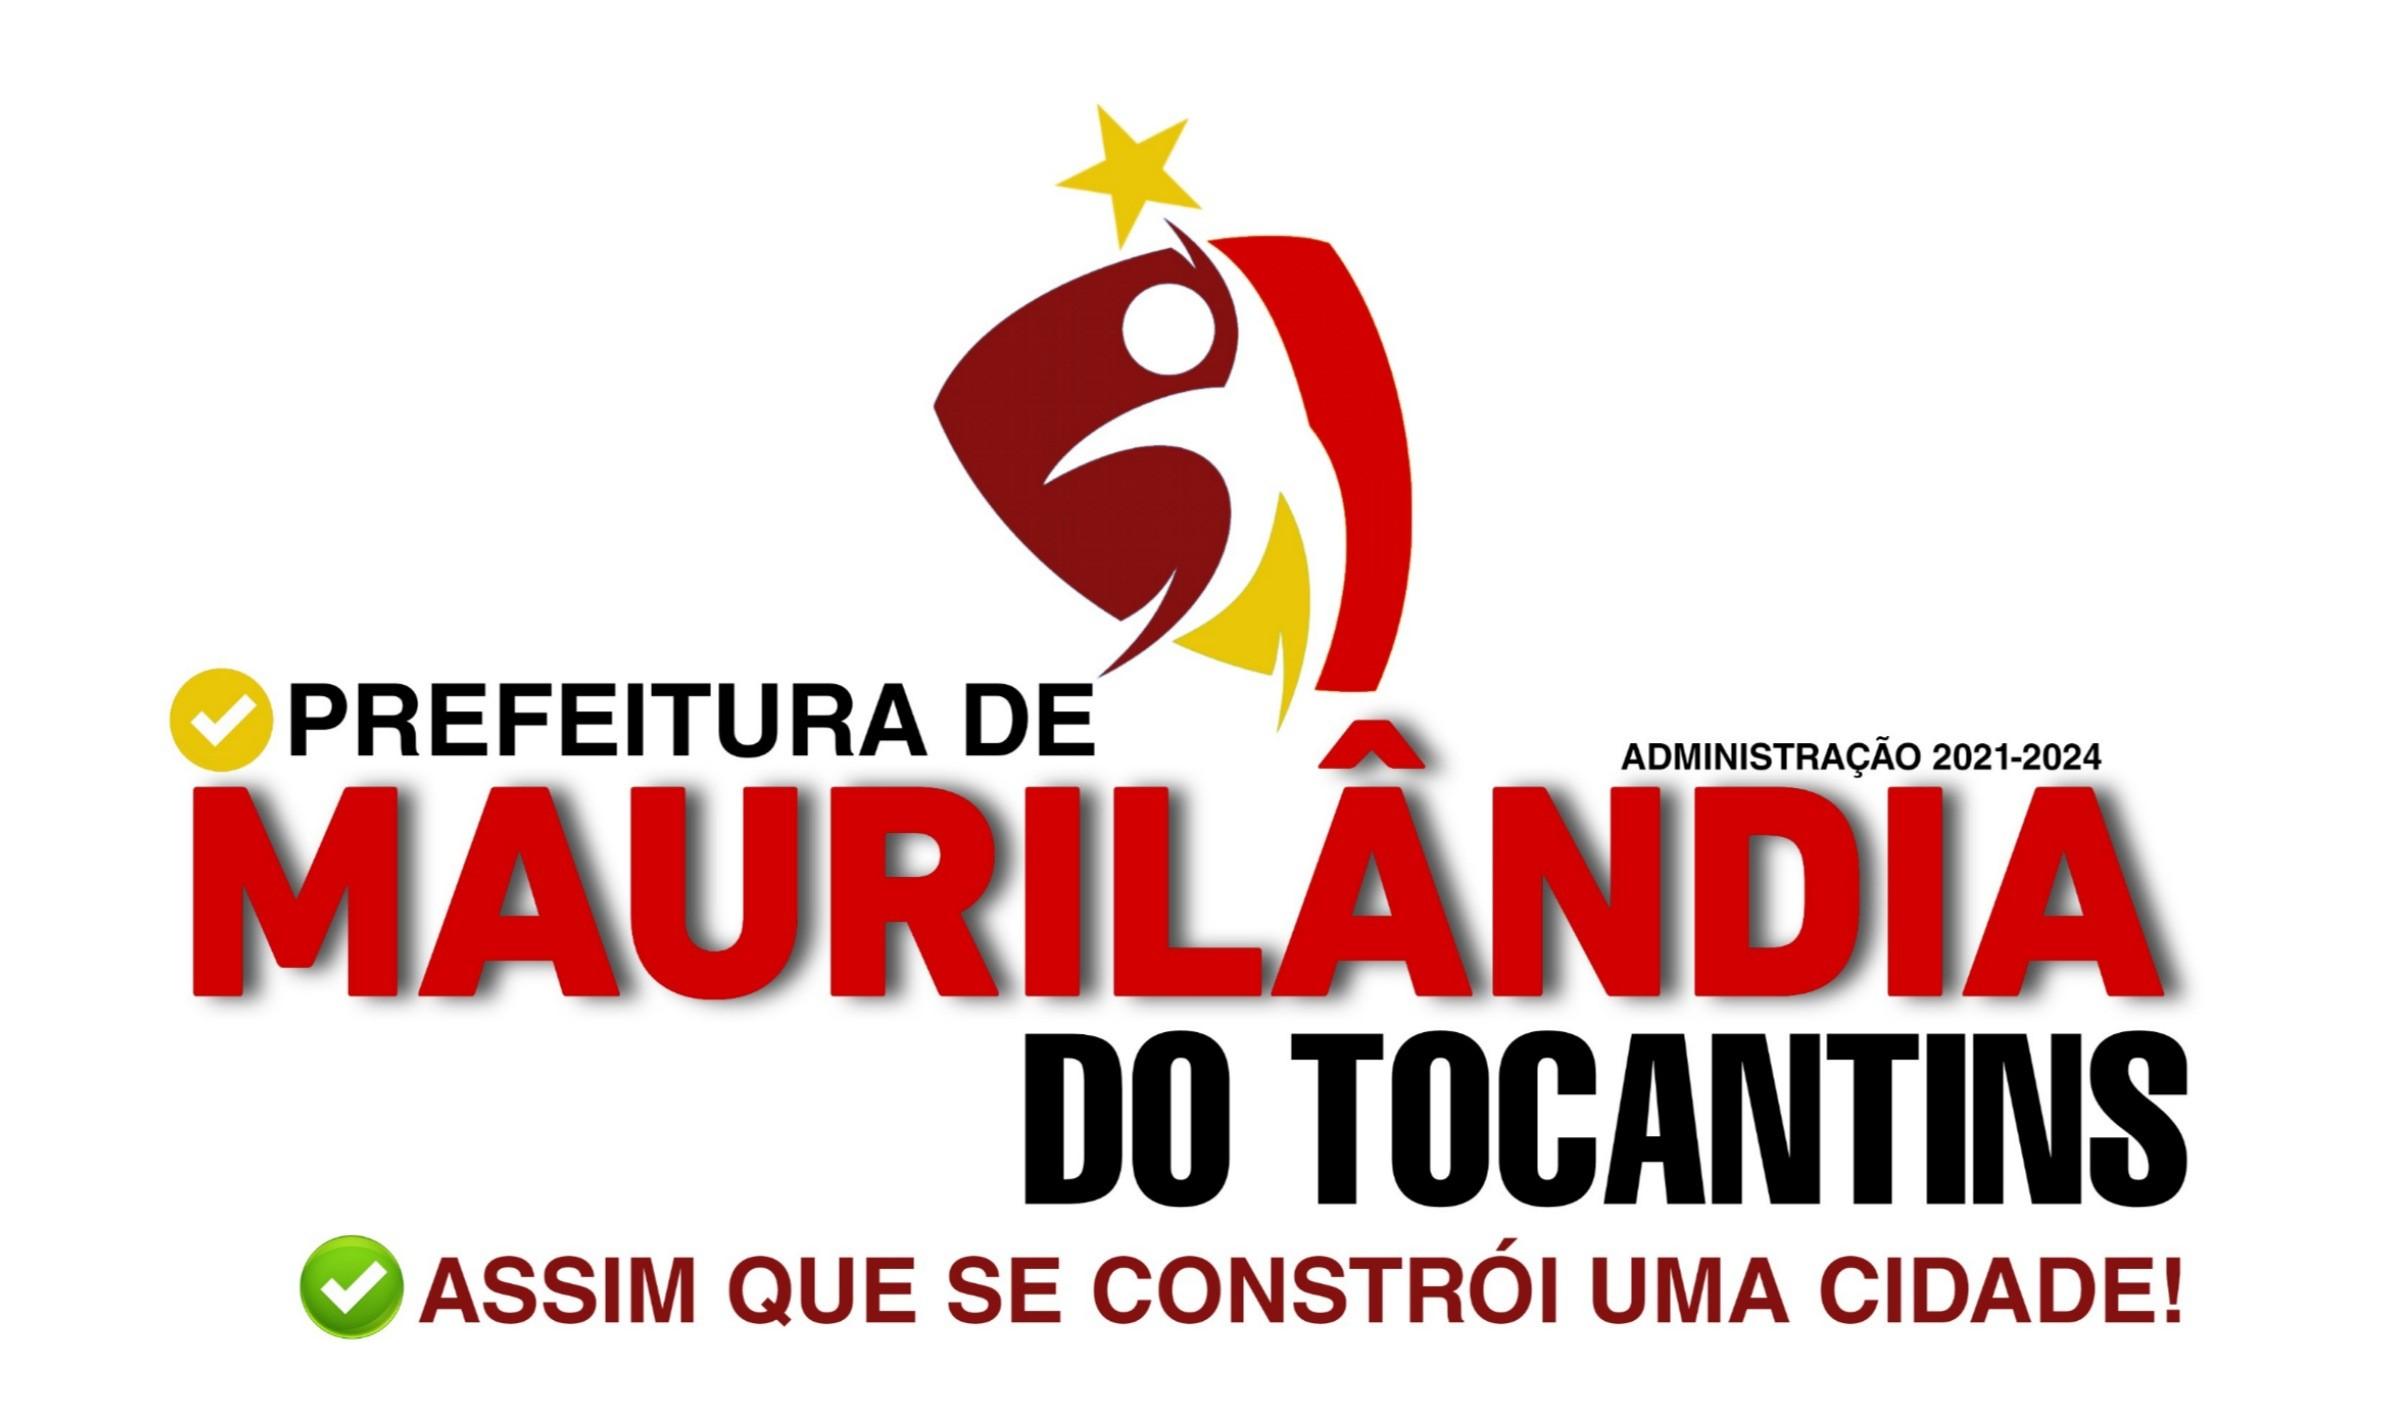 Prefeitura Municipal de Maurilândia do Tocantins